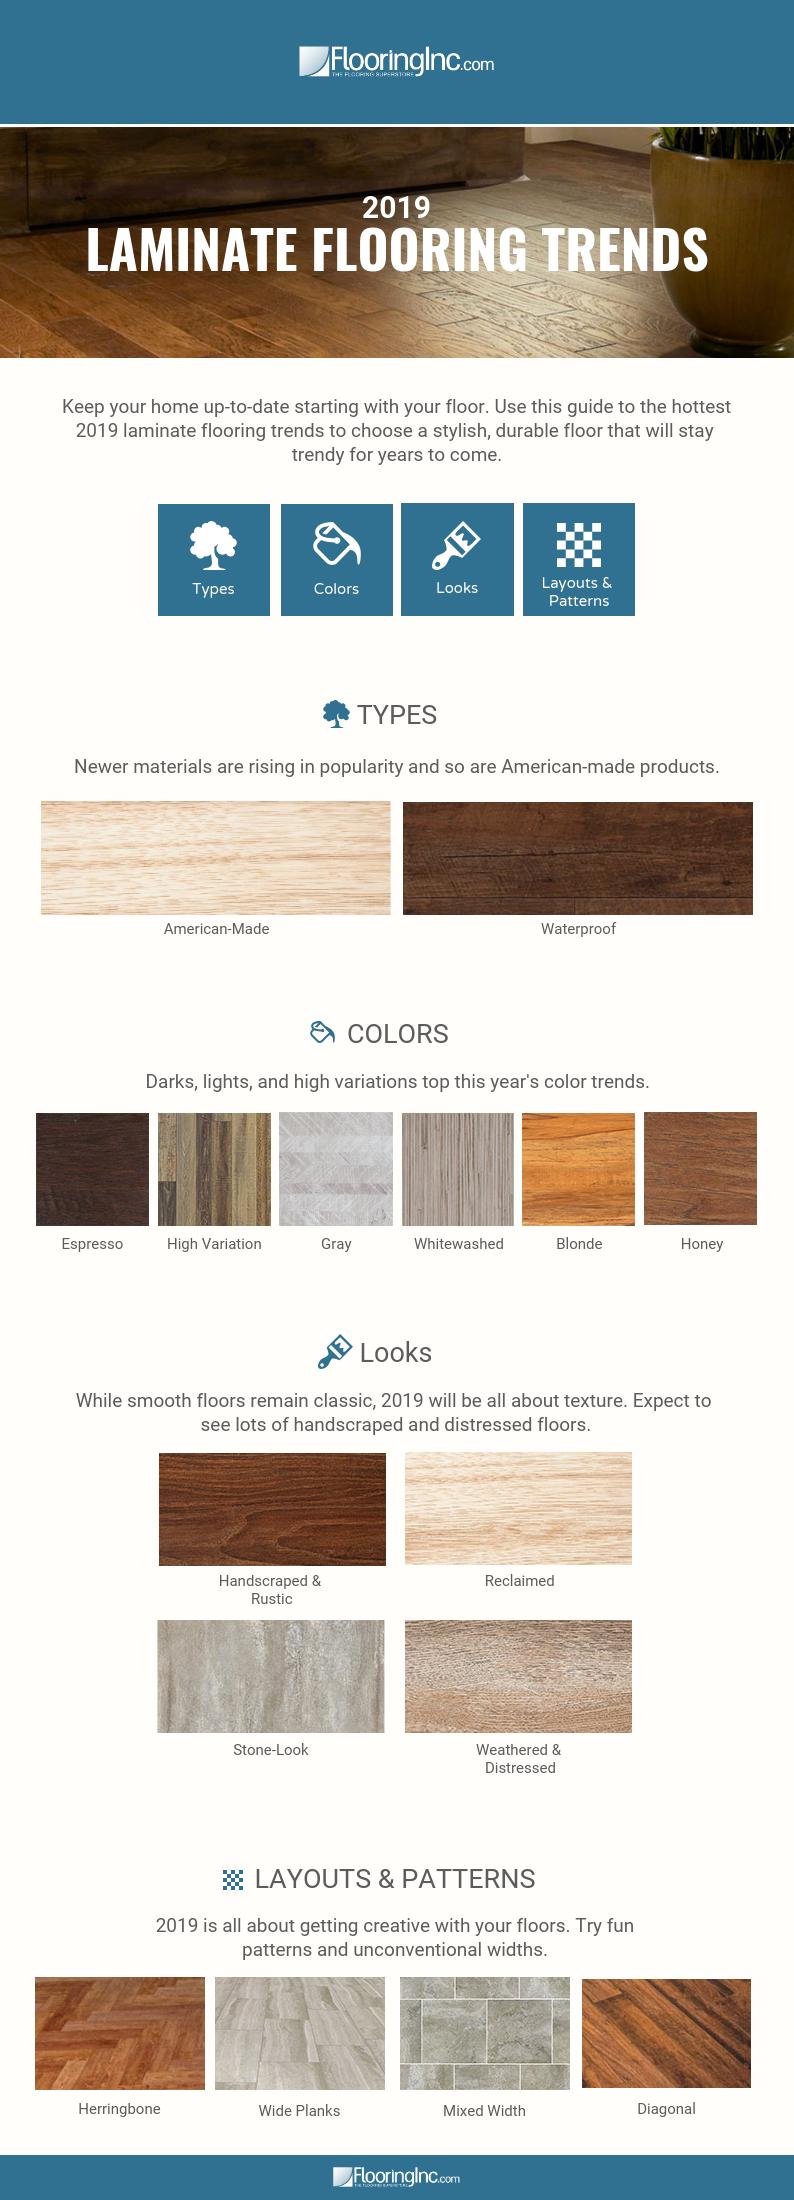 FlooringInc 2019 Laminate Flooring Trends infographic